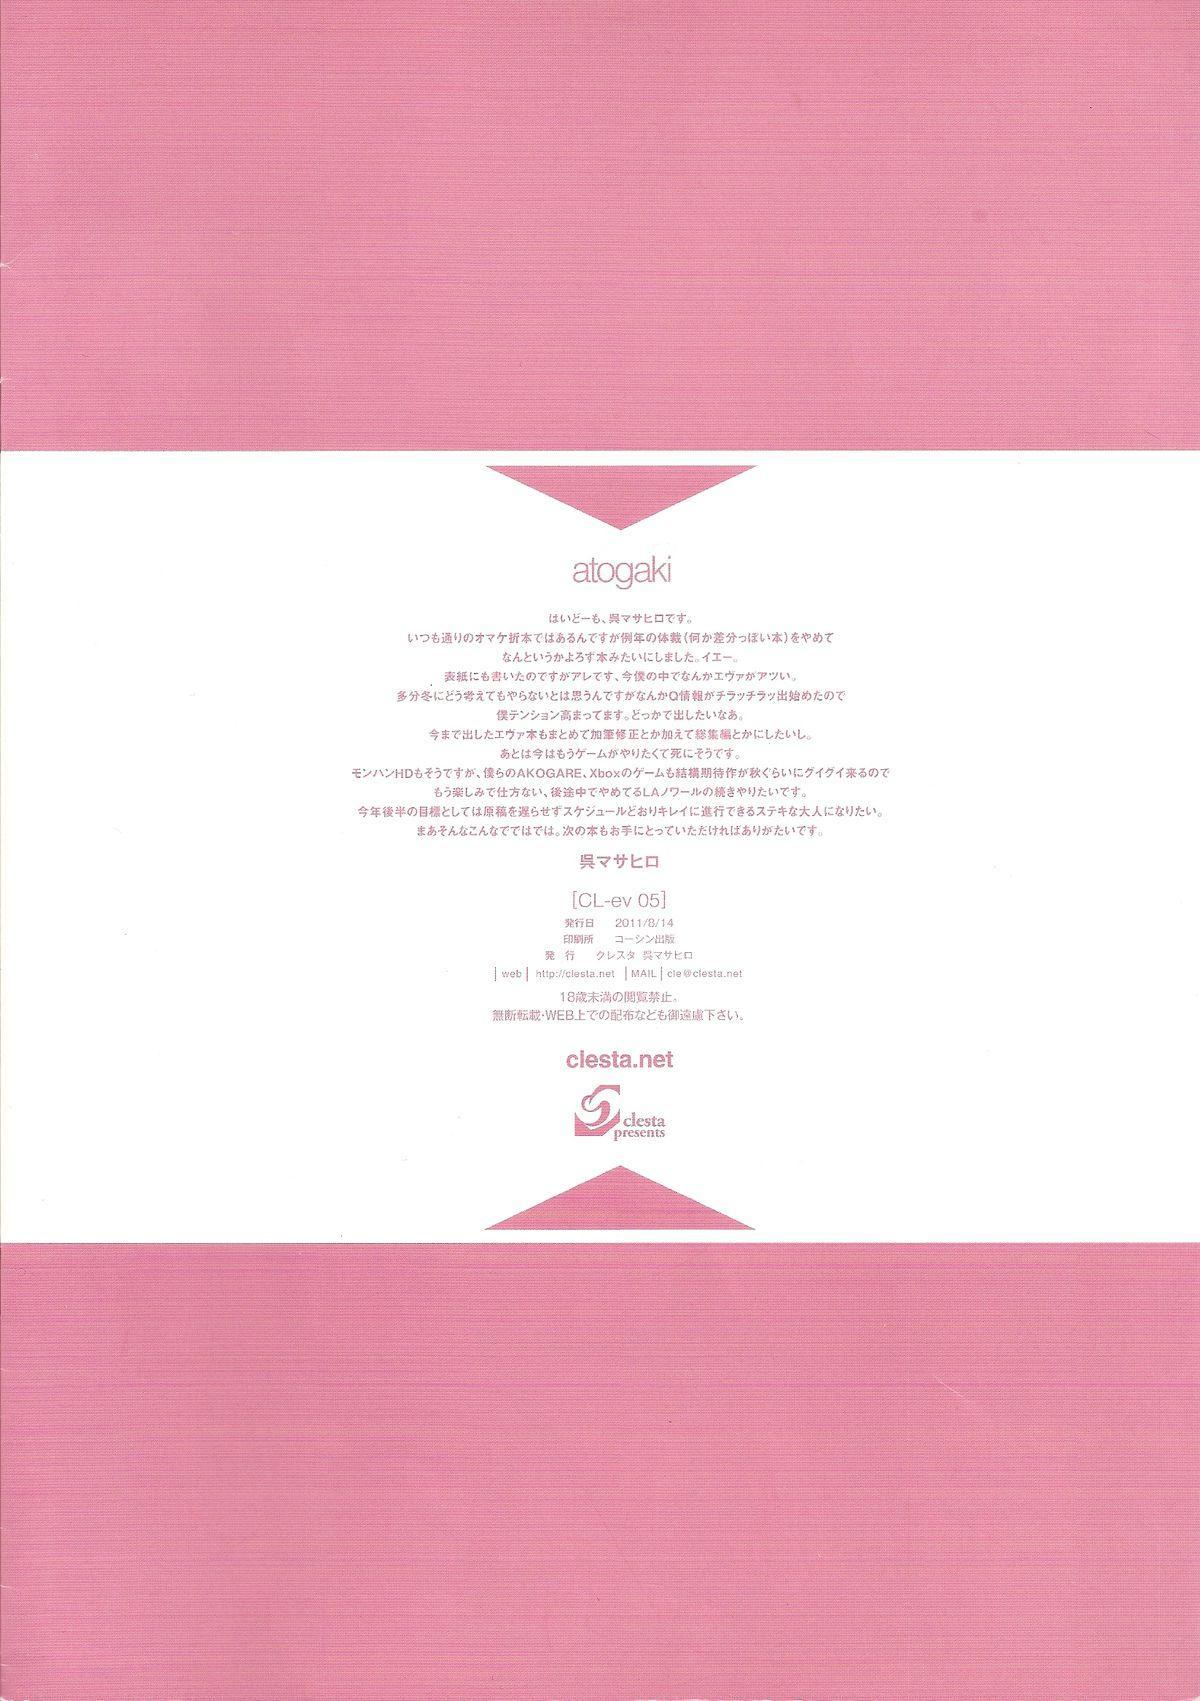 CL-ev05 8